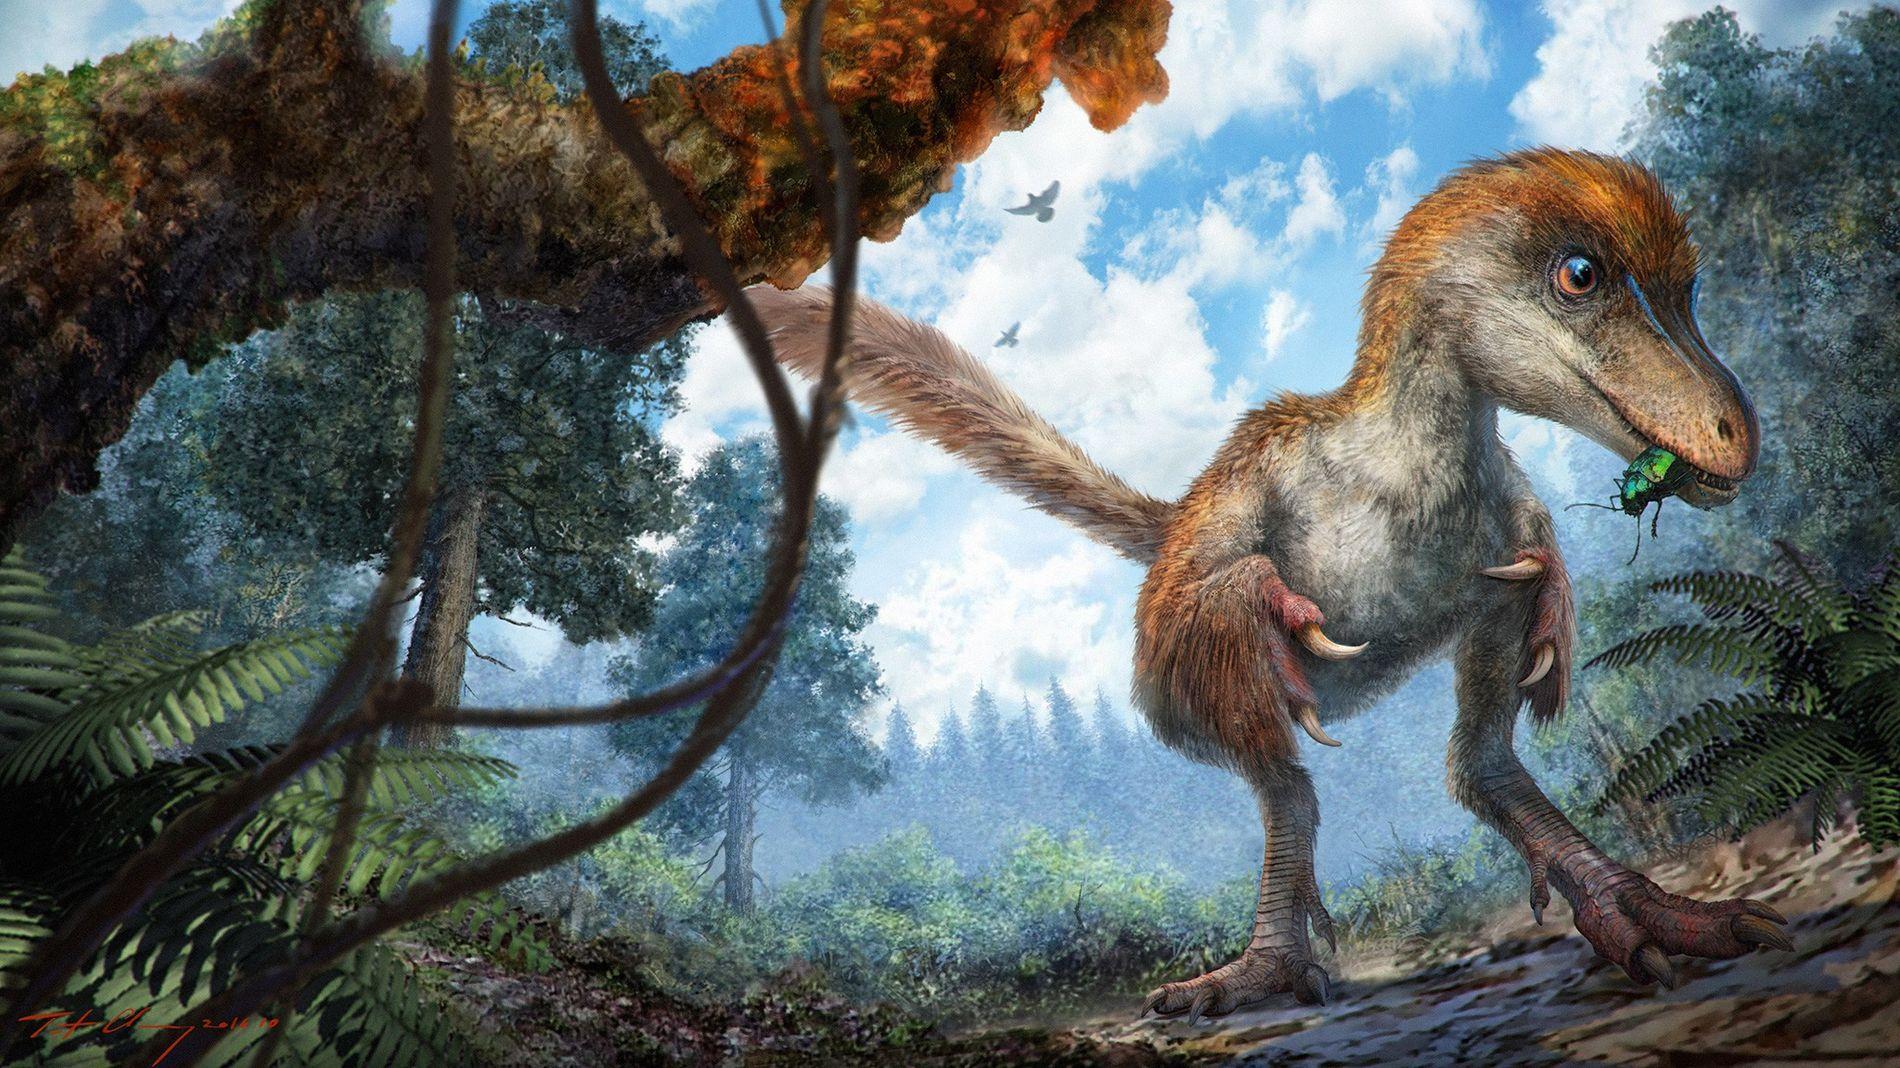 Por Que Se Extinguieron Los Dinosaurios National Geographic Conocer algo que nunca se ha vivido es una herramienta infalible cuando se trata de generar curiosidad e inquietud. por que se extinguieron los dinosaurios